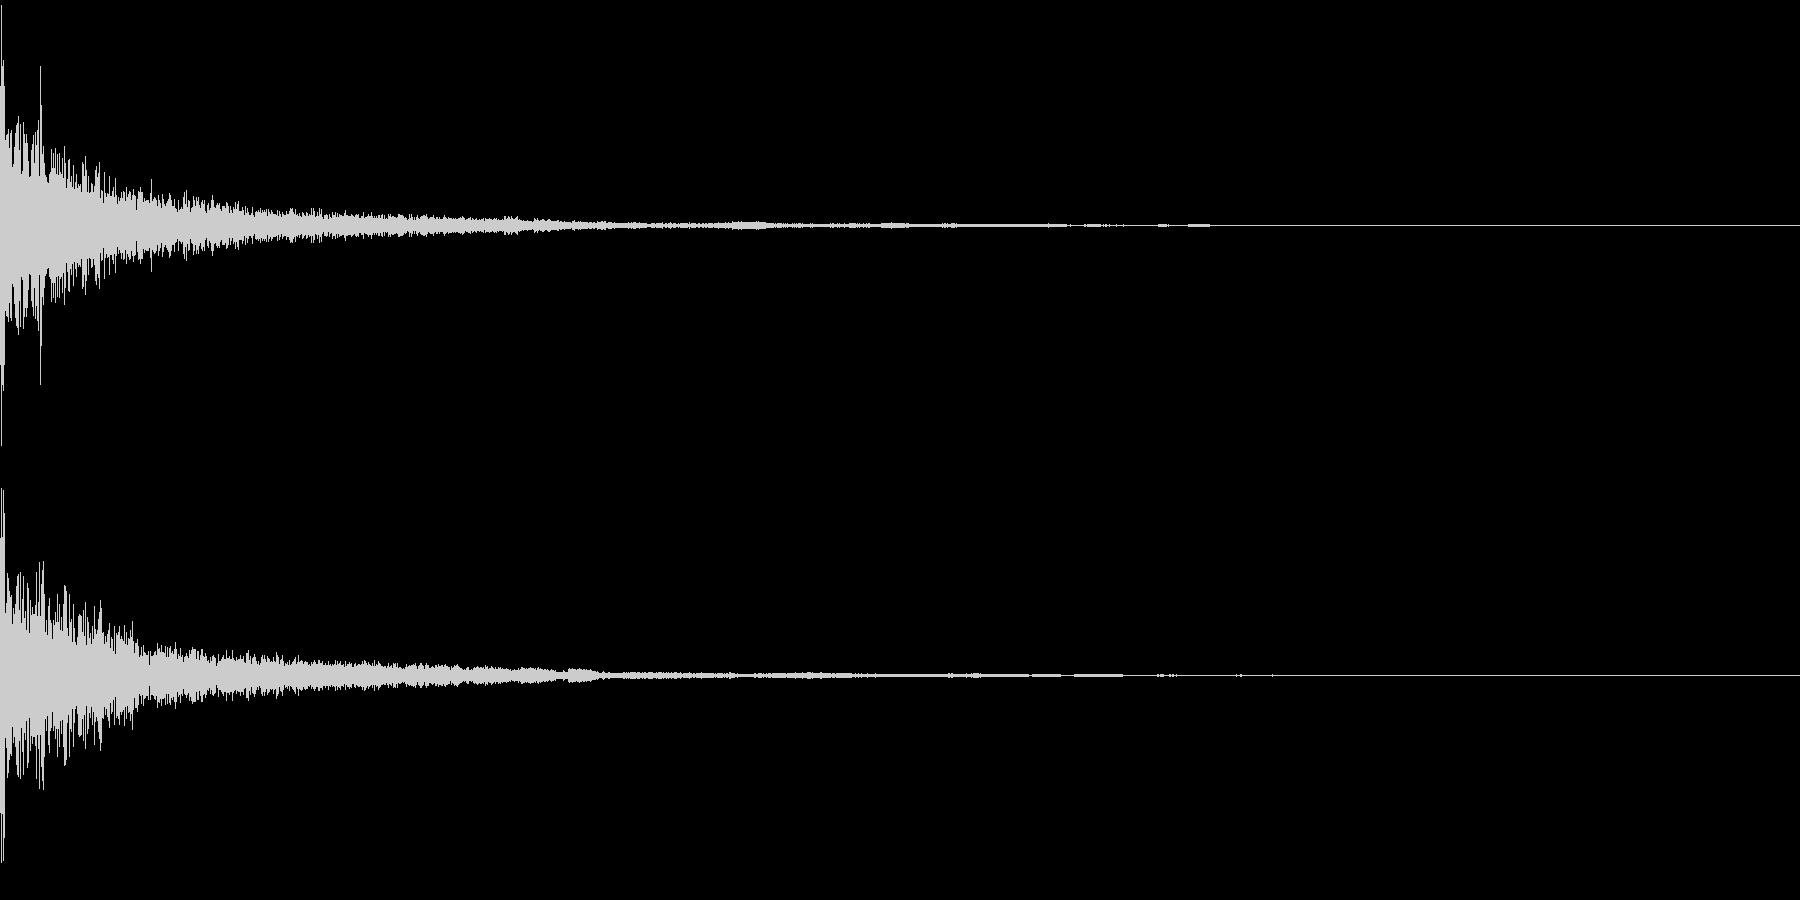 ビーム カードバトル スマホゲームの未再生の波形